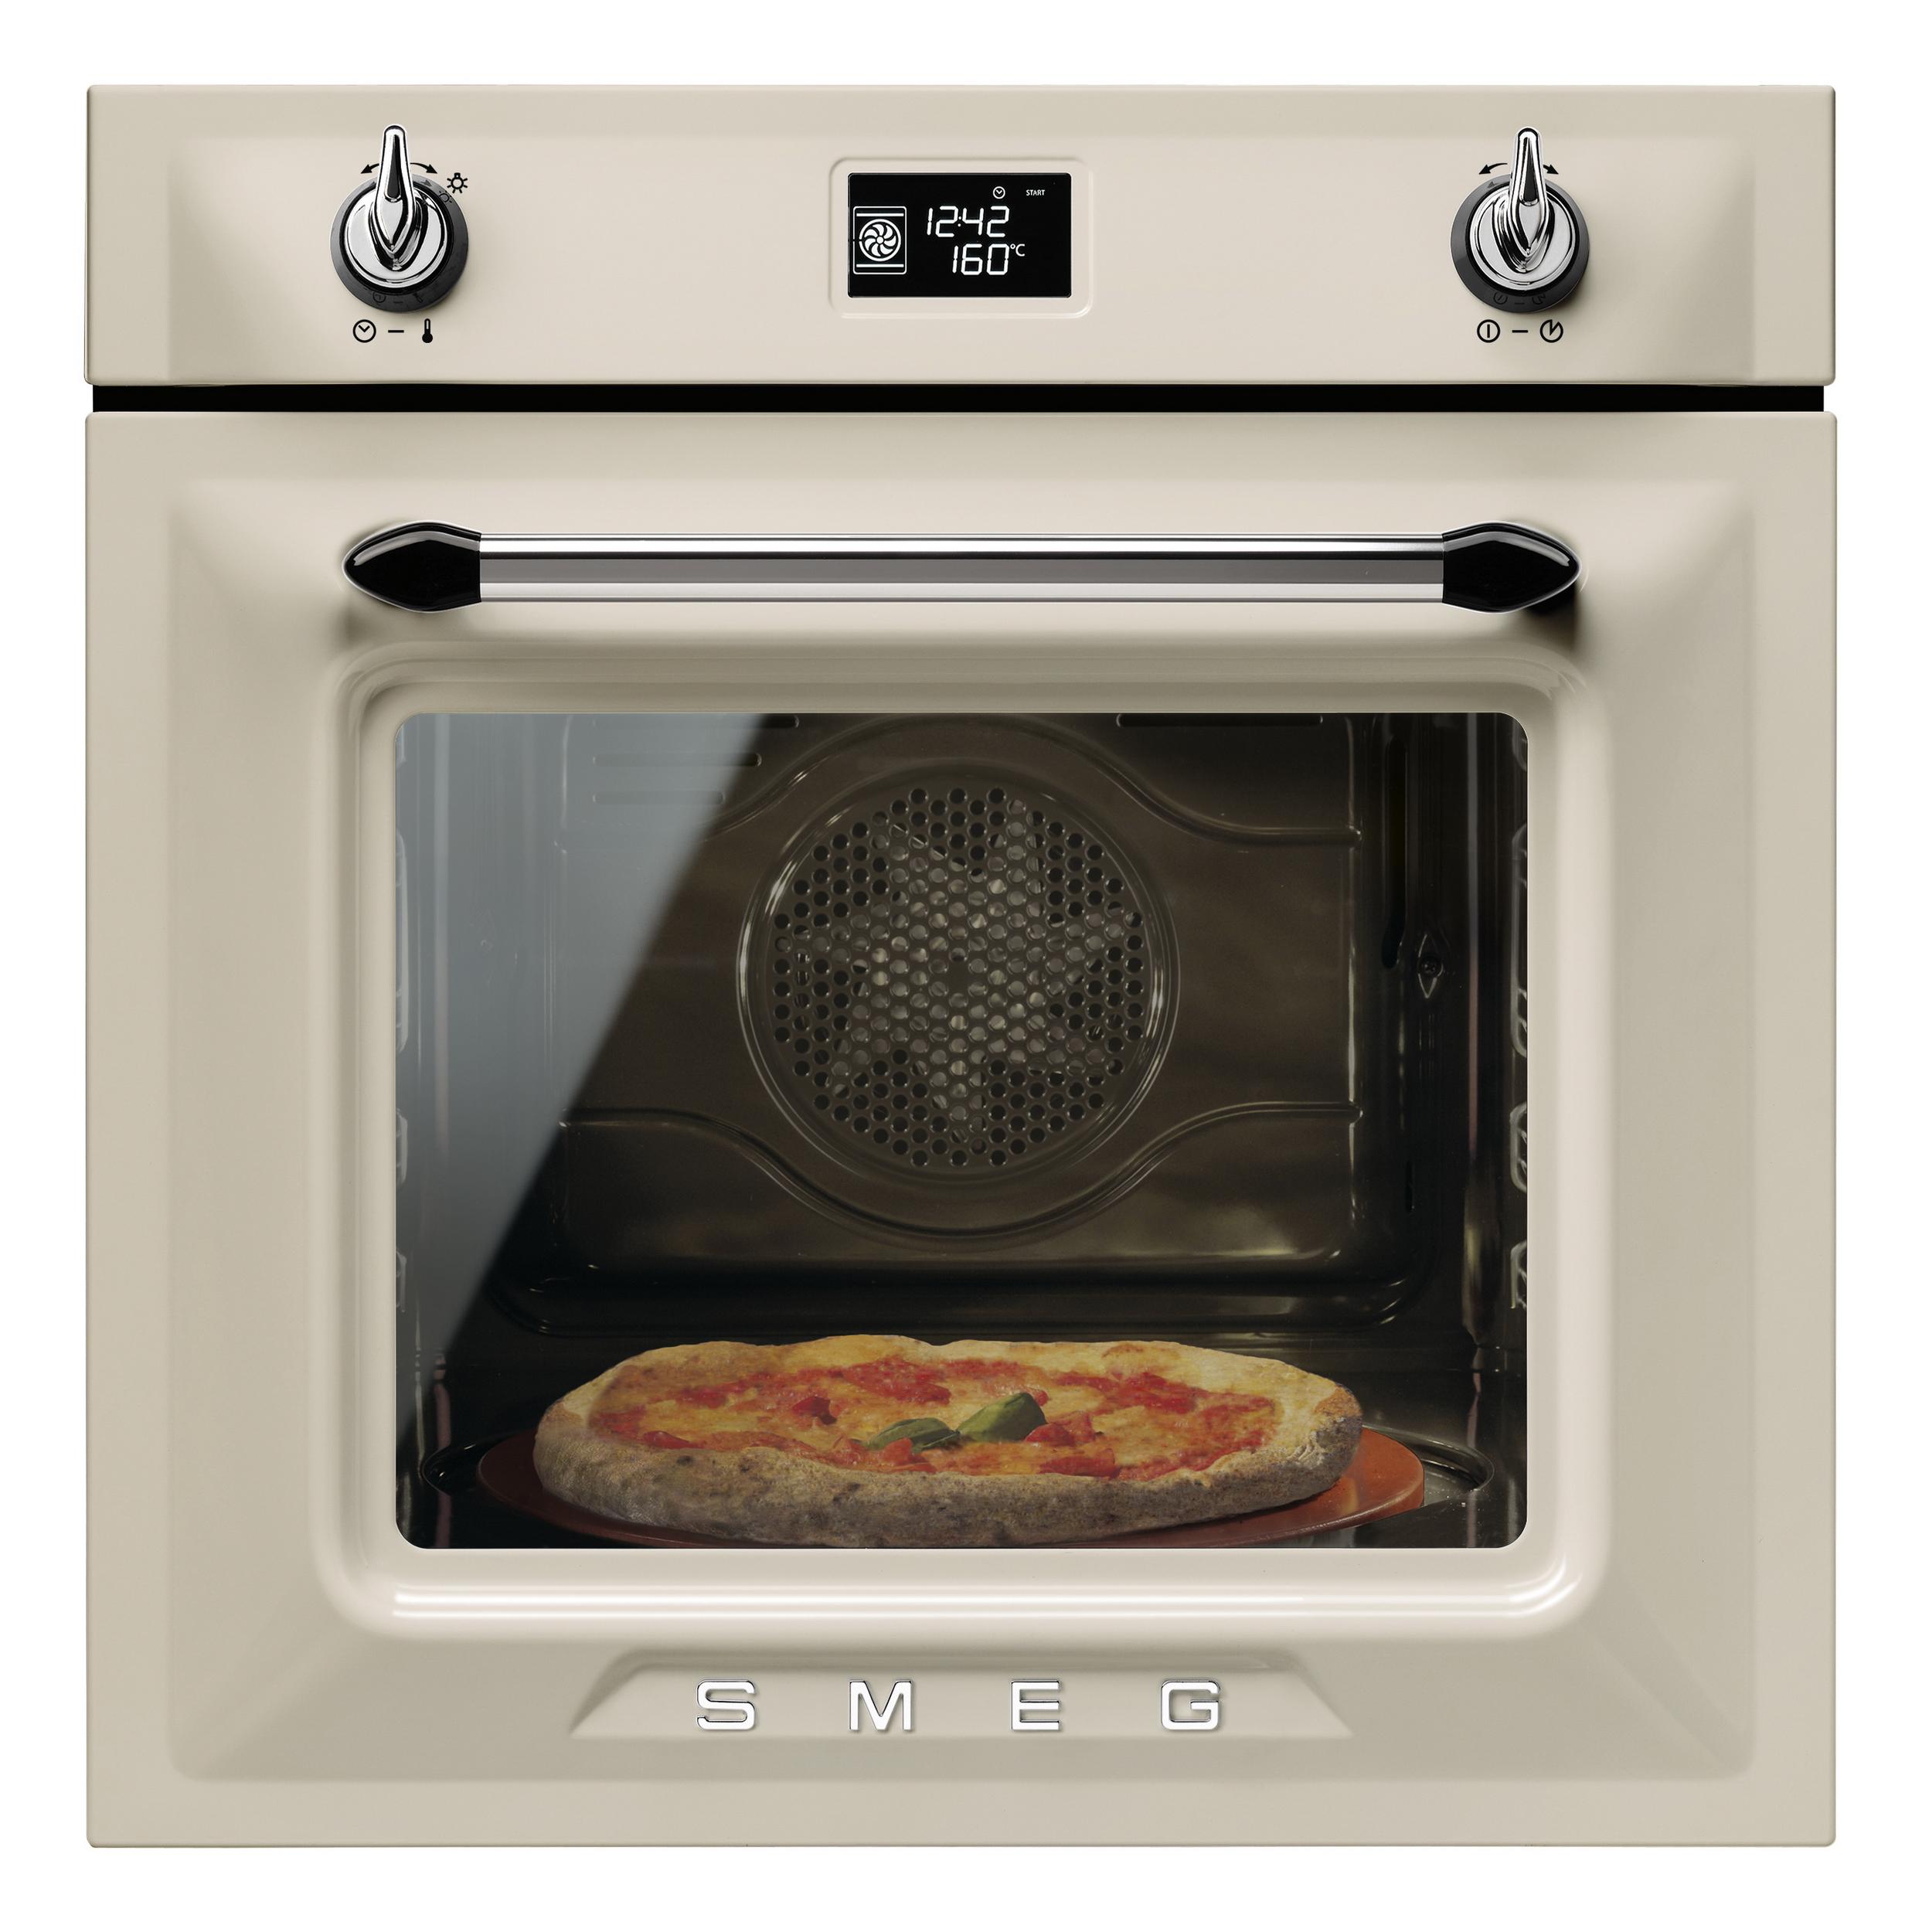 smeg sfp6925 einbaubackofen mit pizzafunktion und pyrolyse victoria design. Black Bedroom Furniture Sets. Home Design Ideas